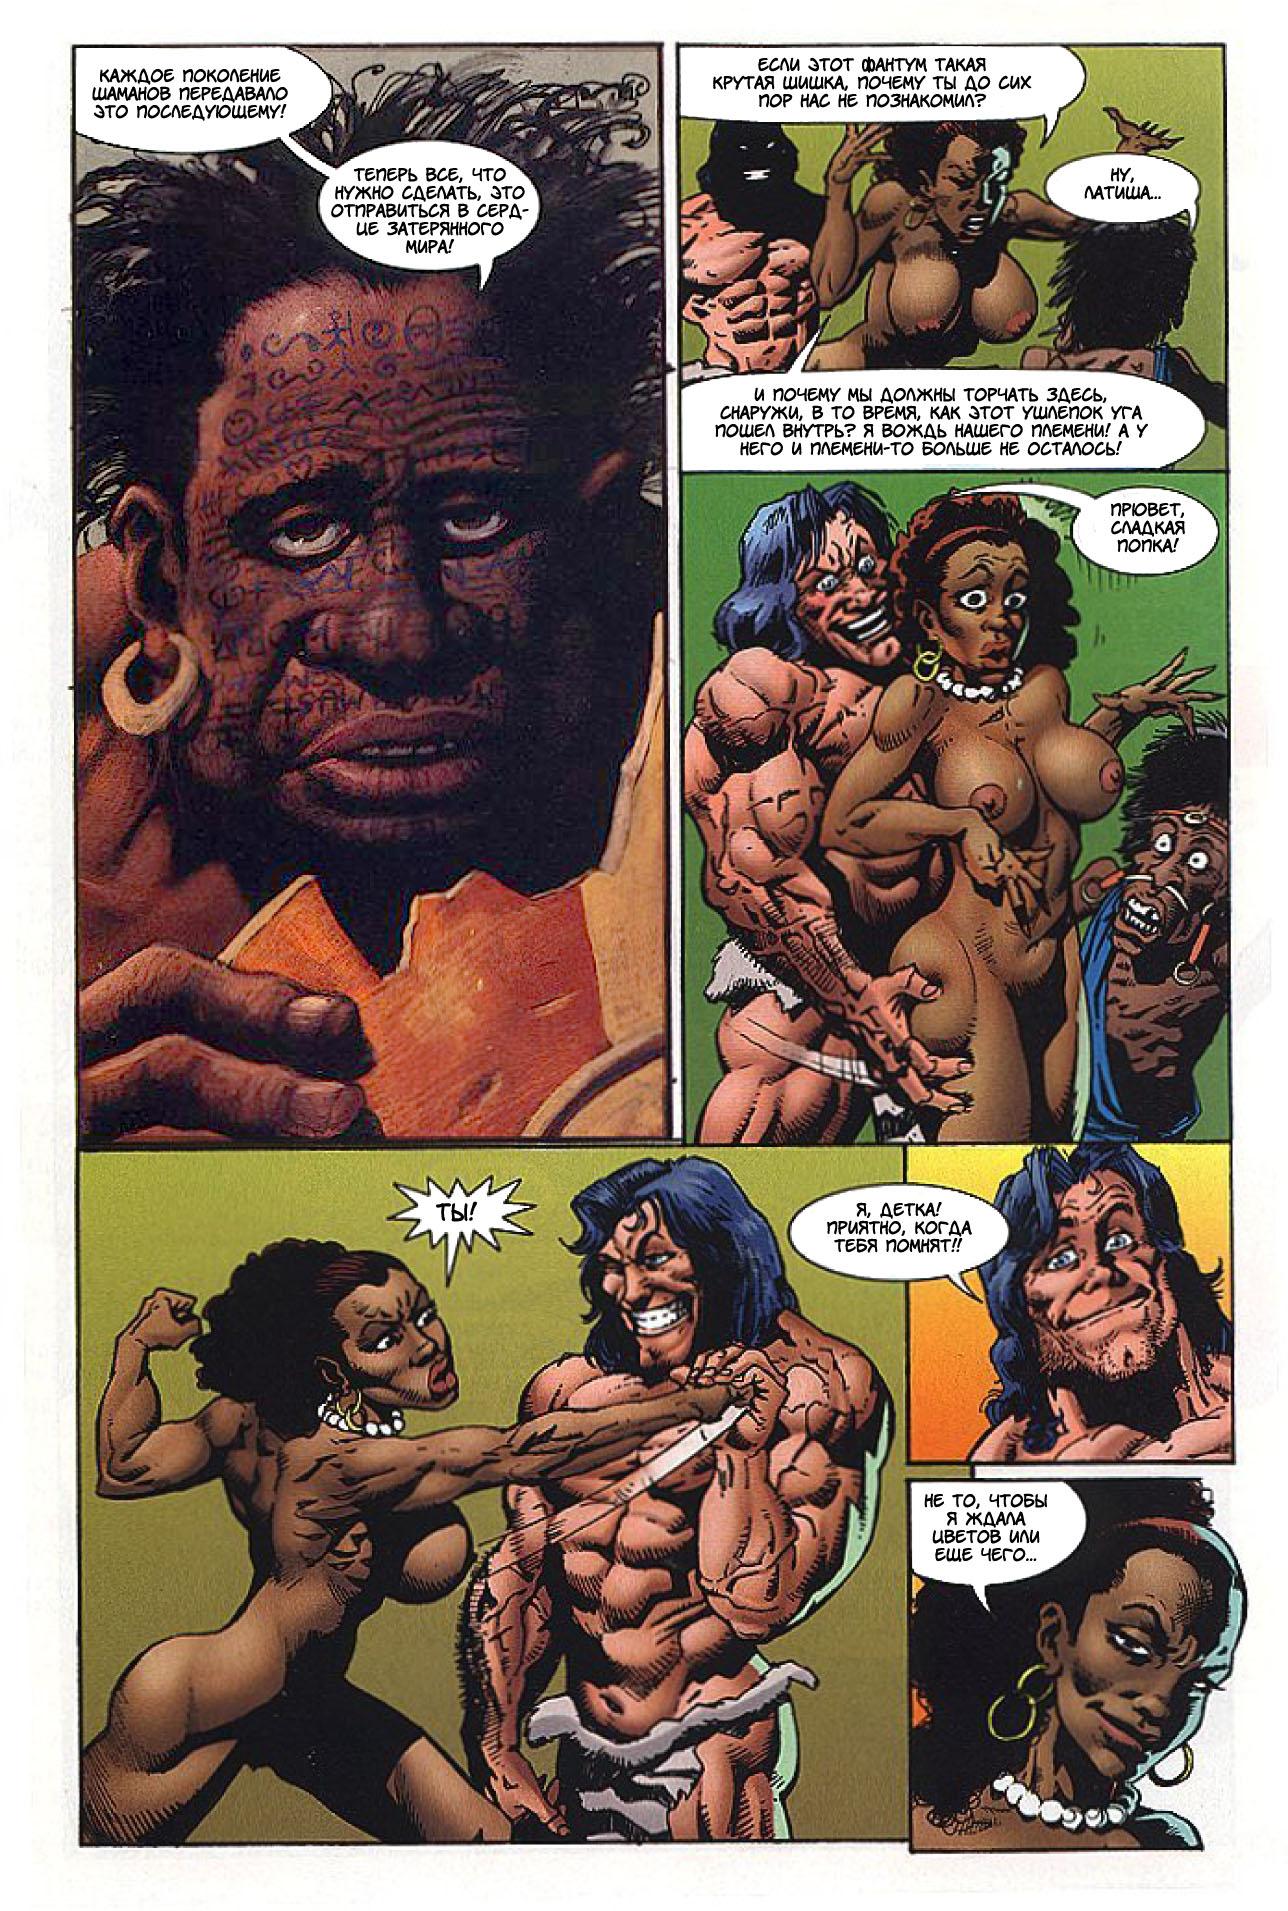 Alex horley latischa of the lost world porn comics